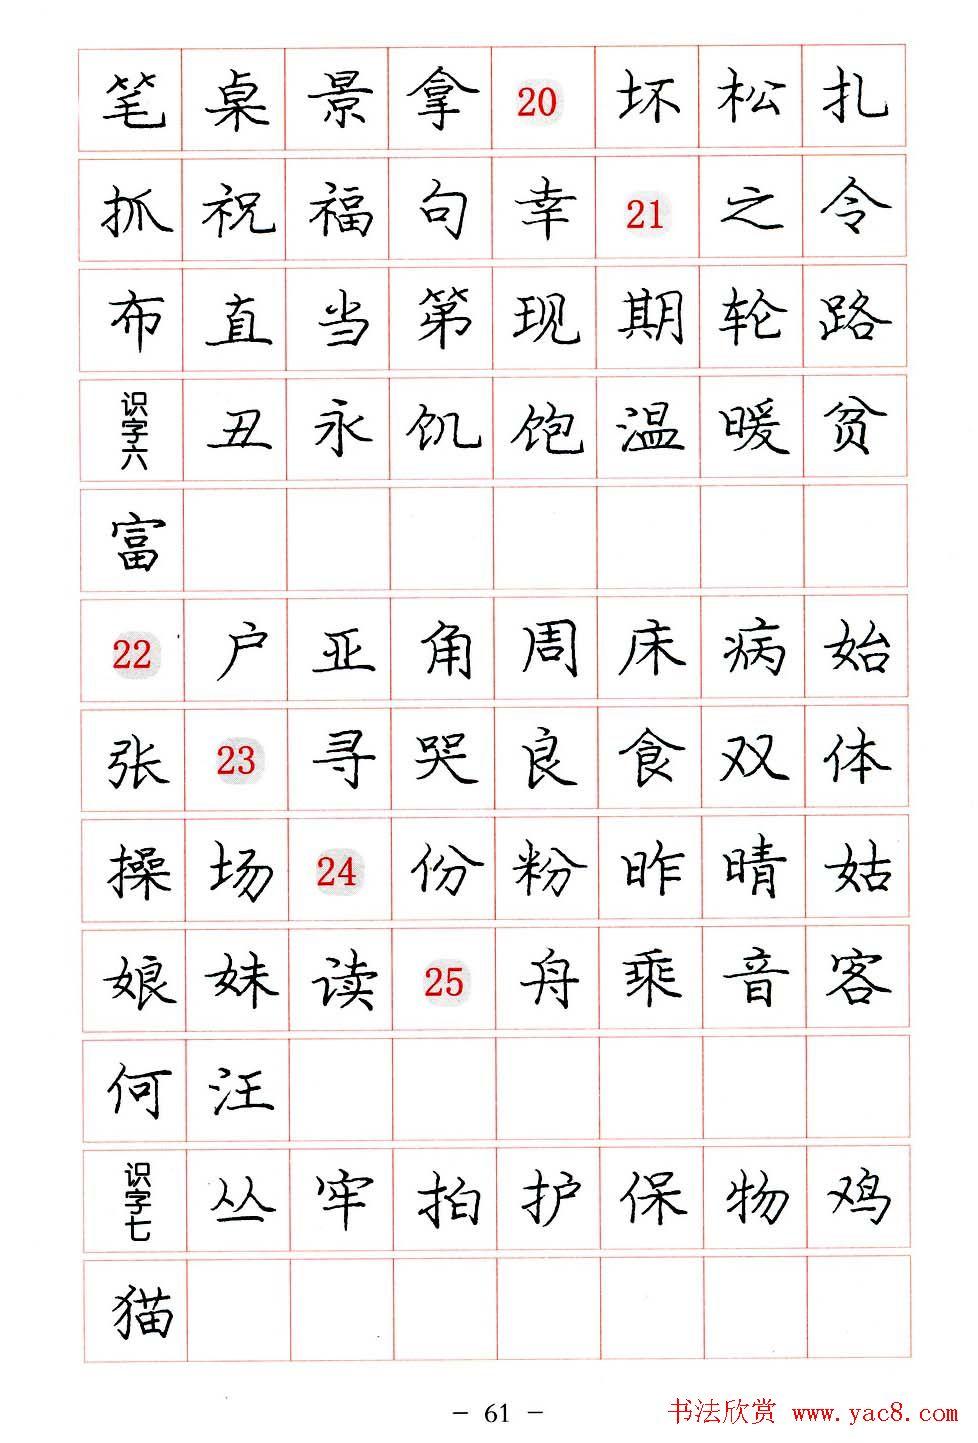 庞中华楷书规范字帖下载.pdf - 第61页 _钢笔字帖